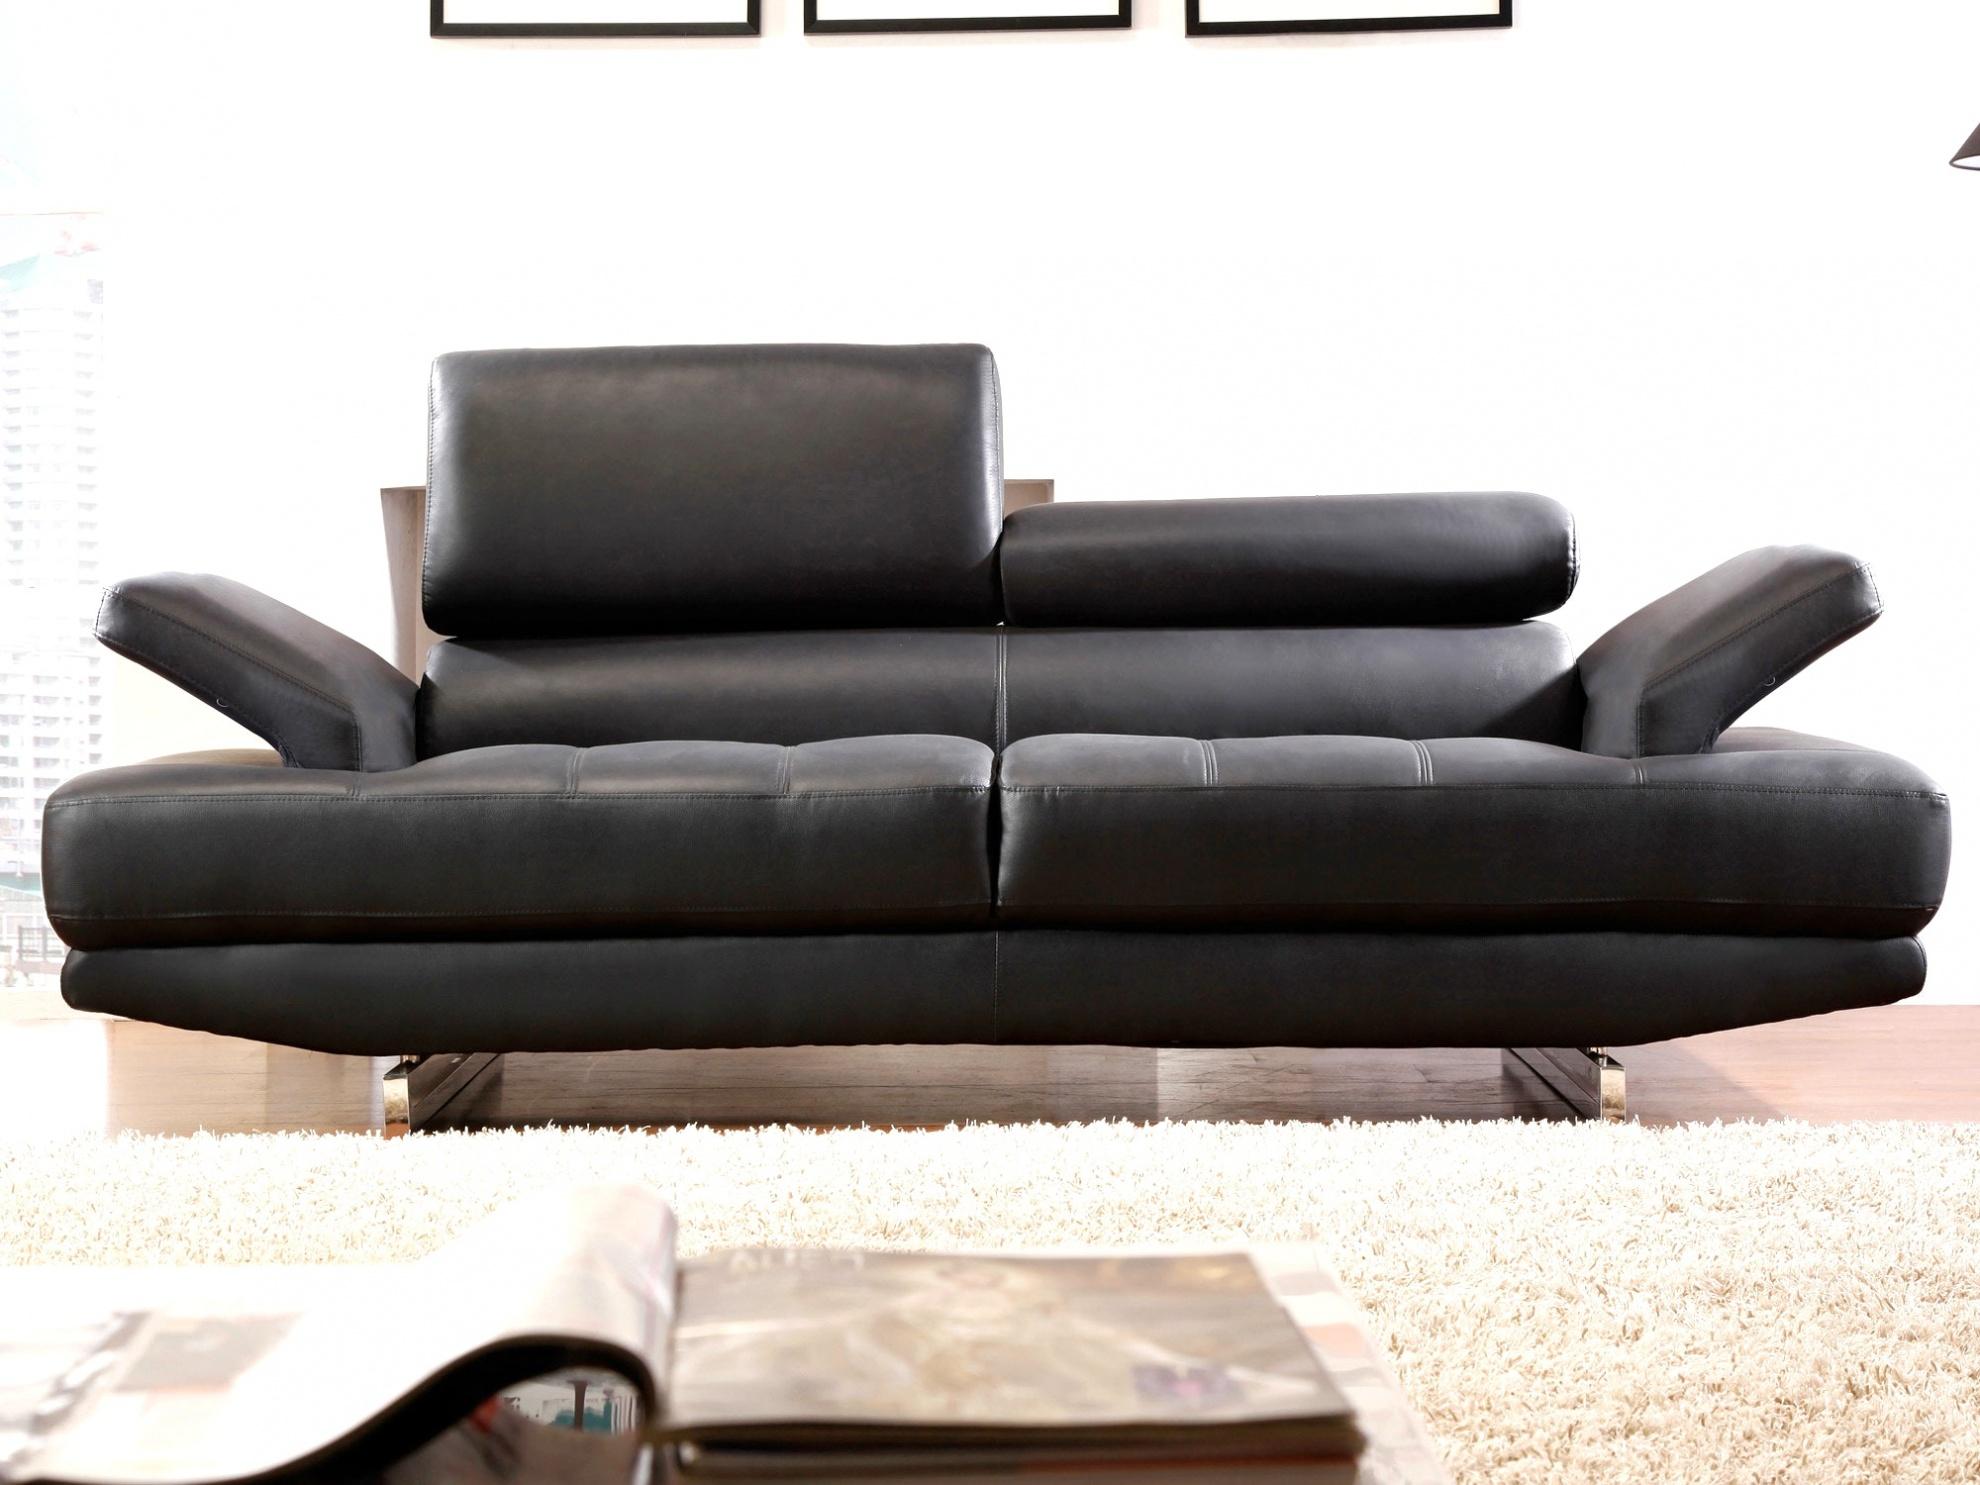 canap convertible sans accoudoir unique collection 46 impressionnant canape ou clic clac. Black Bedroom Furniture Sets. Home Design Ideas